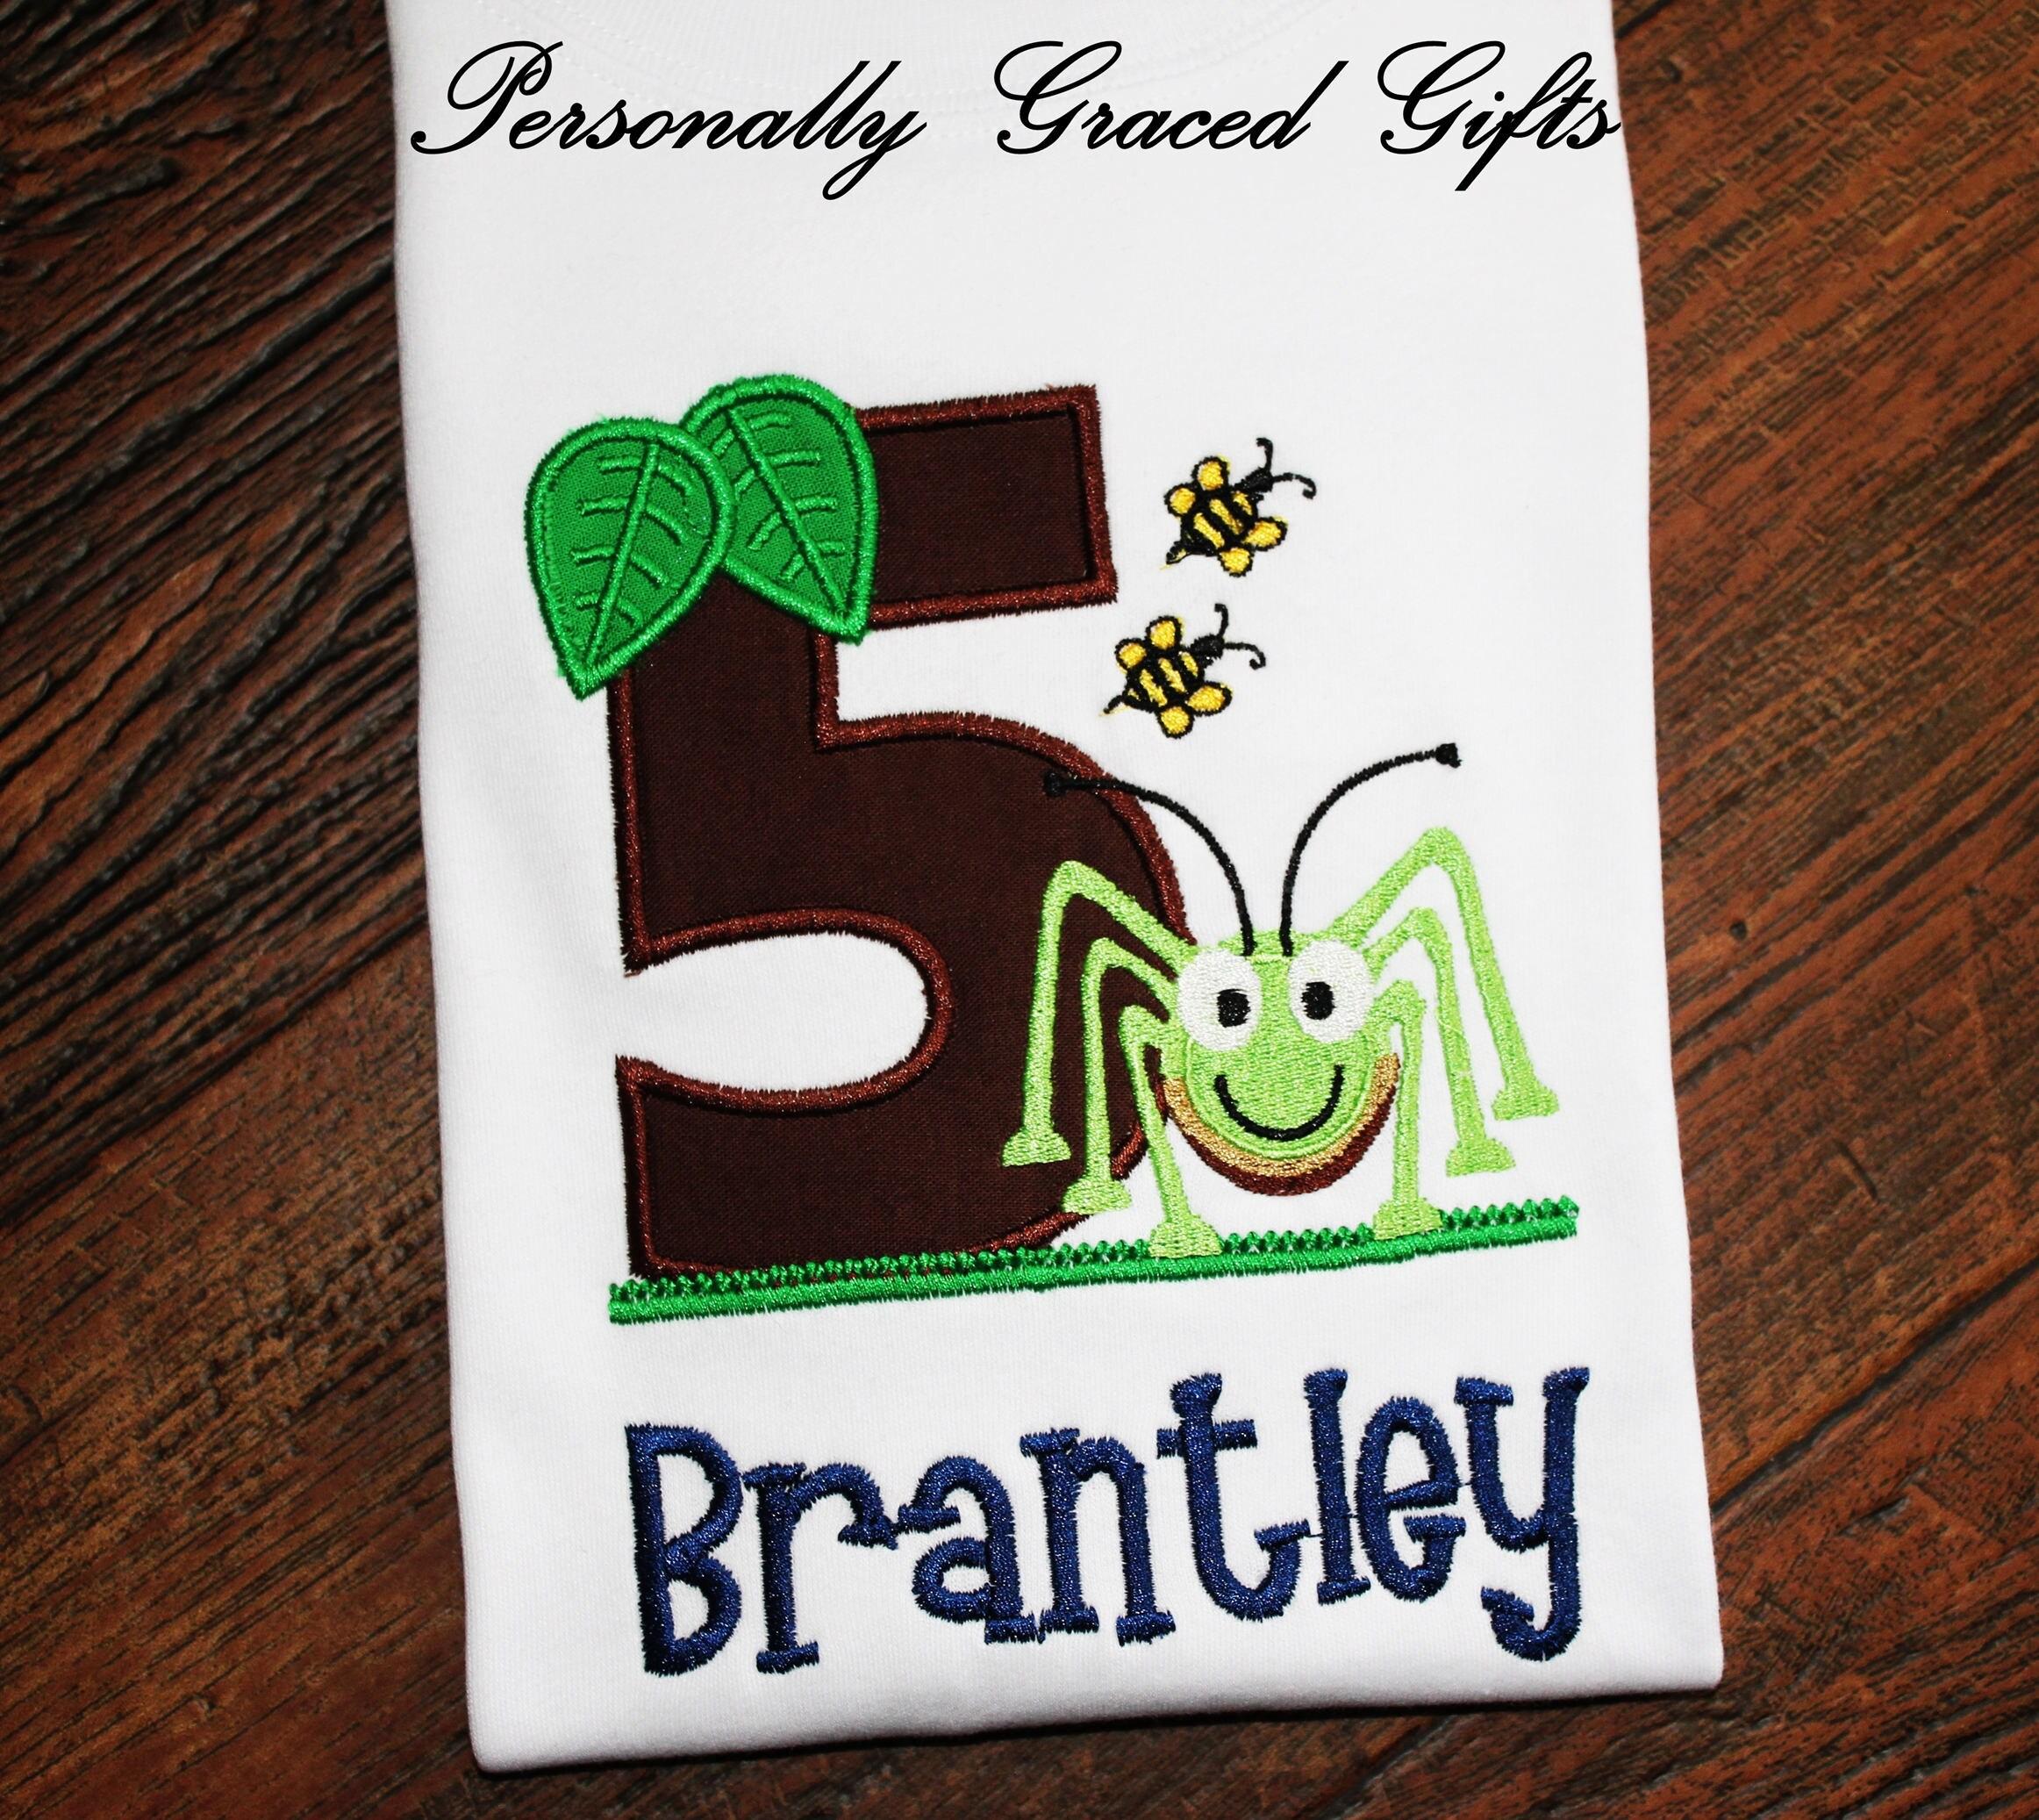 Sofortiger Download Grasshopper gefüllt Maschine Stickerei 4 ...